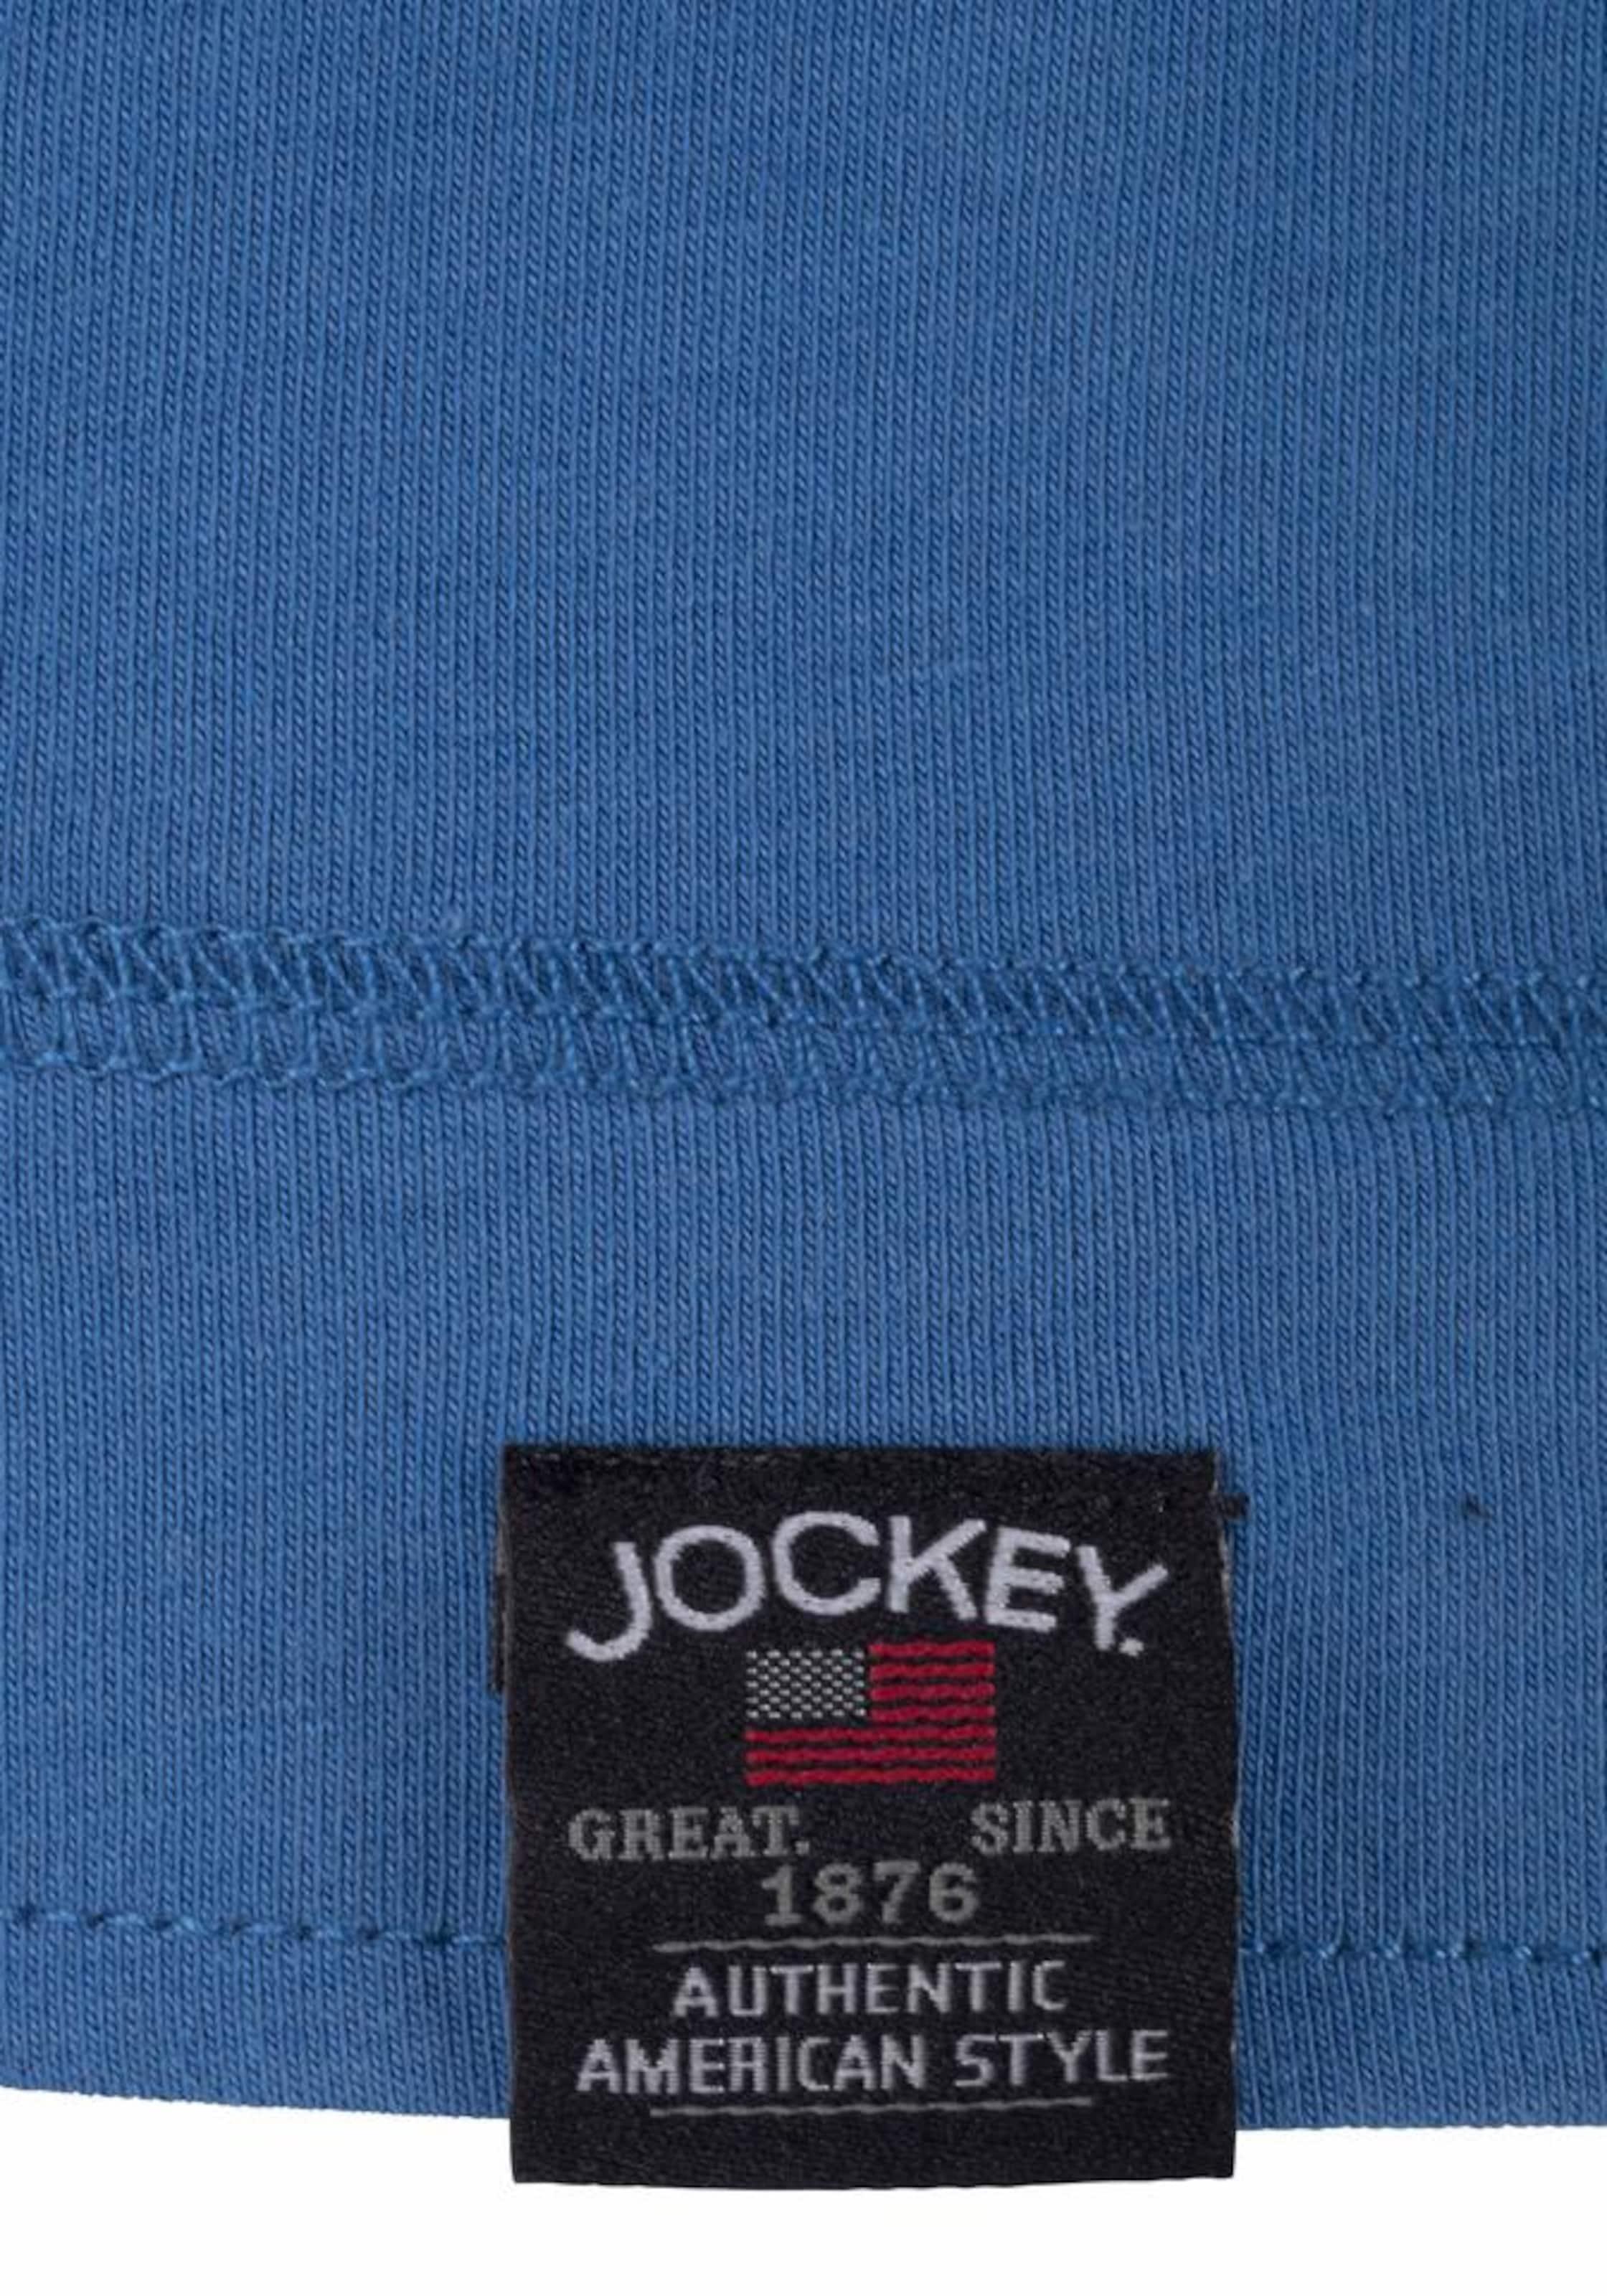 JOCKEY Pyjama Kauf Zum Verkauf Ja Wirklich Neuer Stil Online-Shopping-Freies Verschiffen Freies Verschiffen Niedrig Versandkosten I11ky